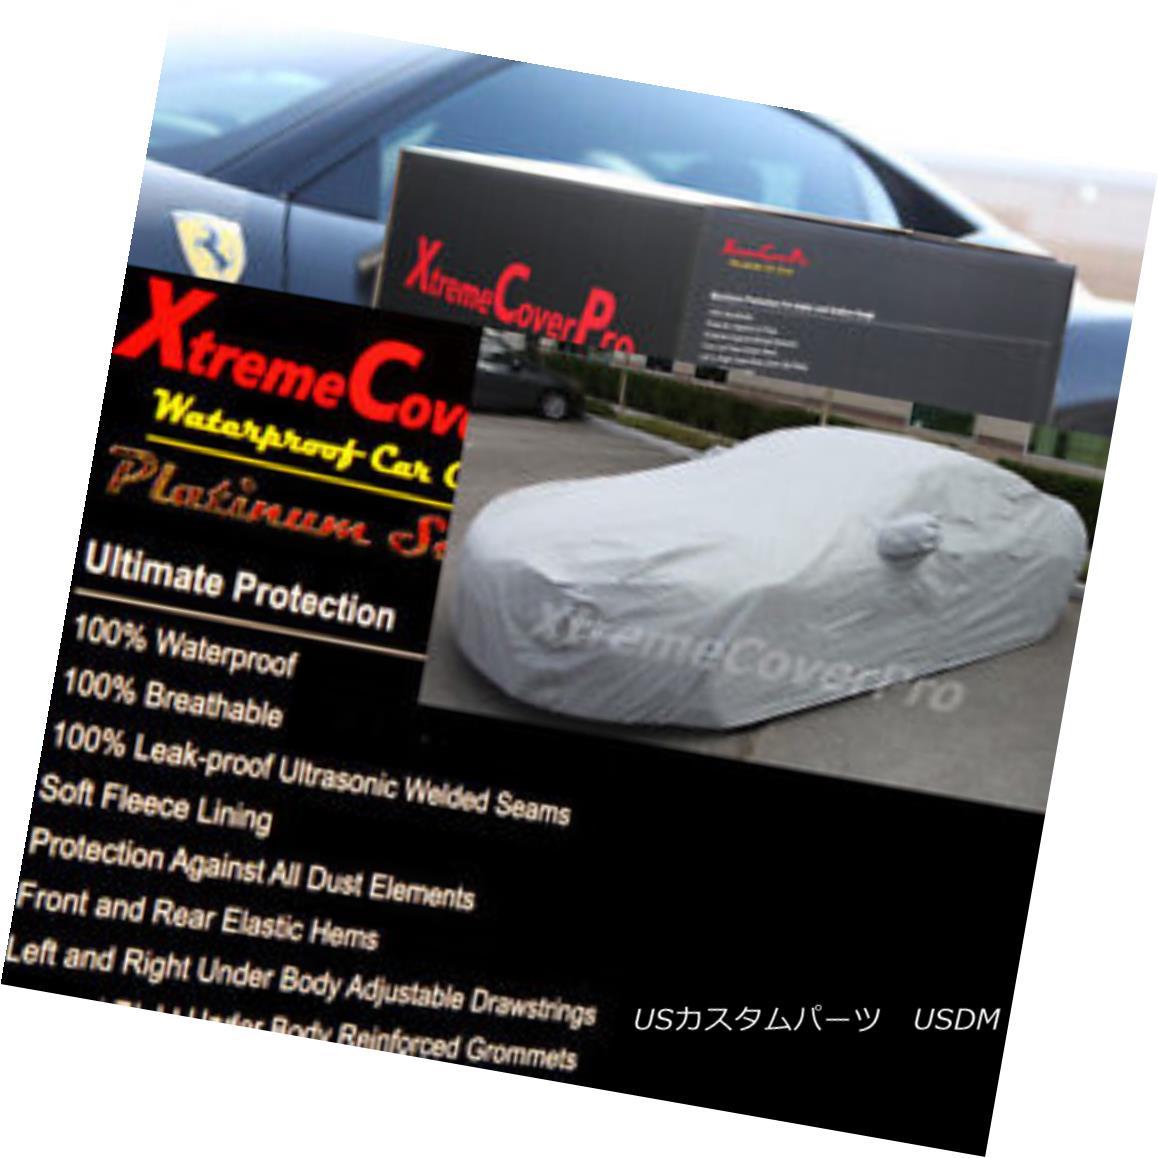 カーカバー 2015 ACURA TLX Waterproof Car Cover w/Mirror Pockets - Gray 2015 ACURA TLX防水カーカバー付き/ミラーポケット - グレー